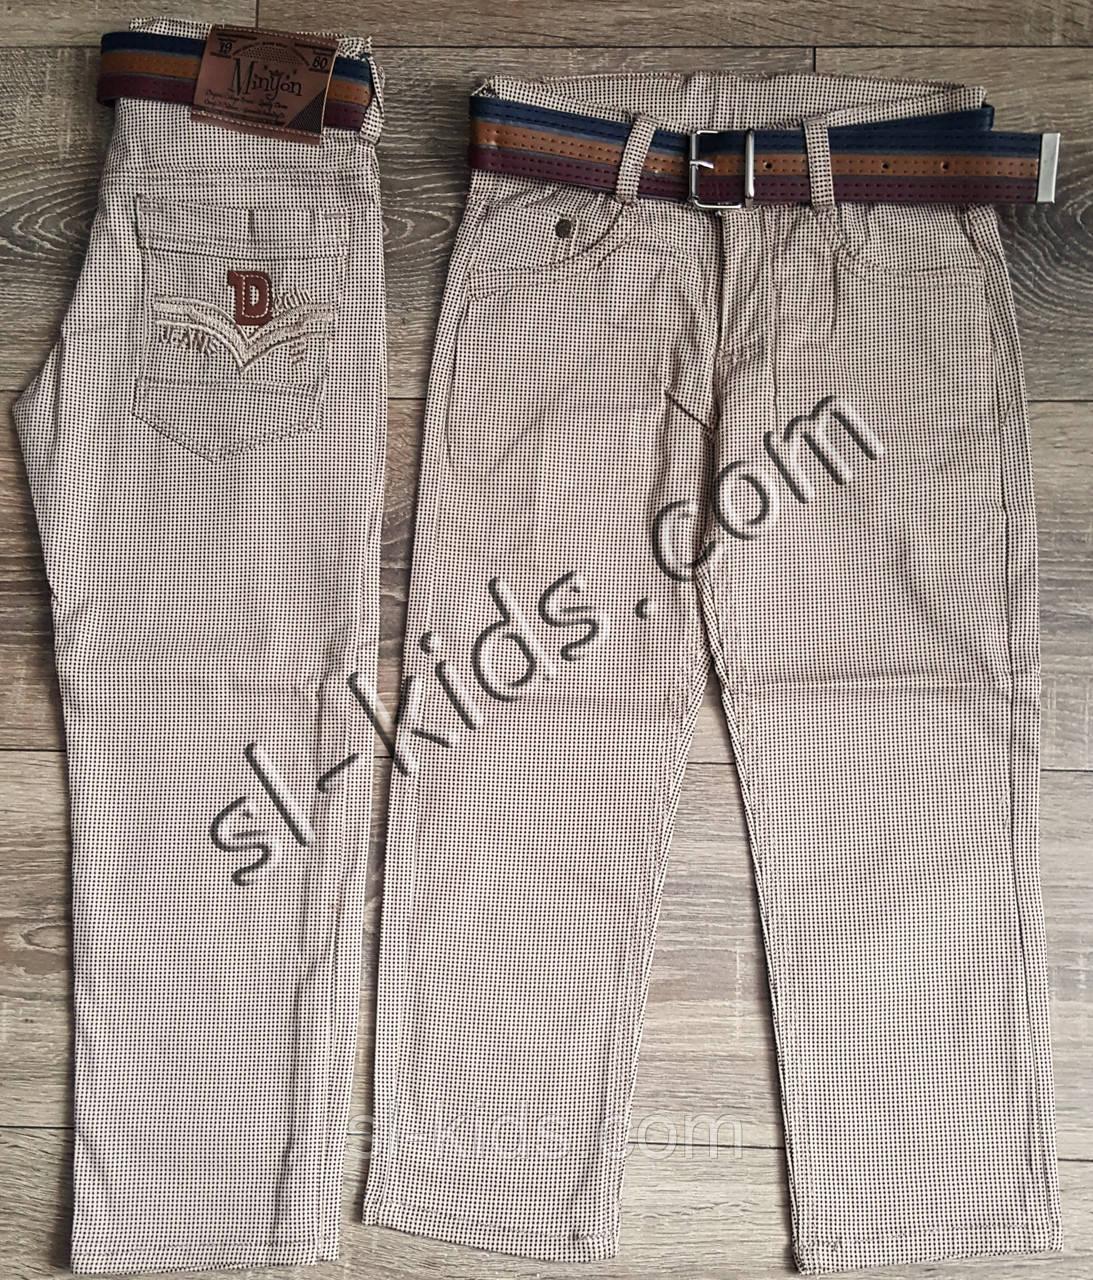 Яркие штаны,джинсы для мальчика 3-7 лет(ромбик бежевые) розн пр.Турция